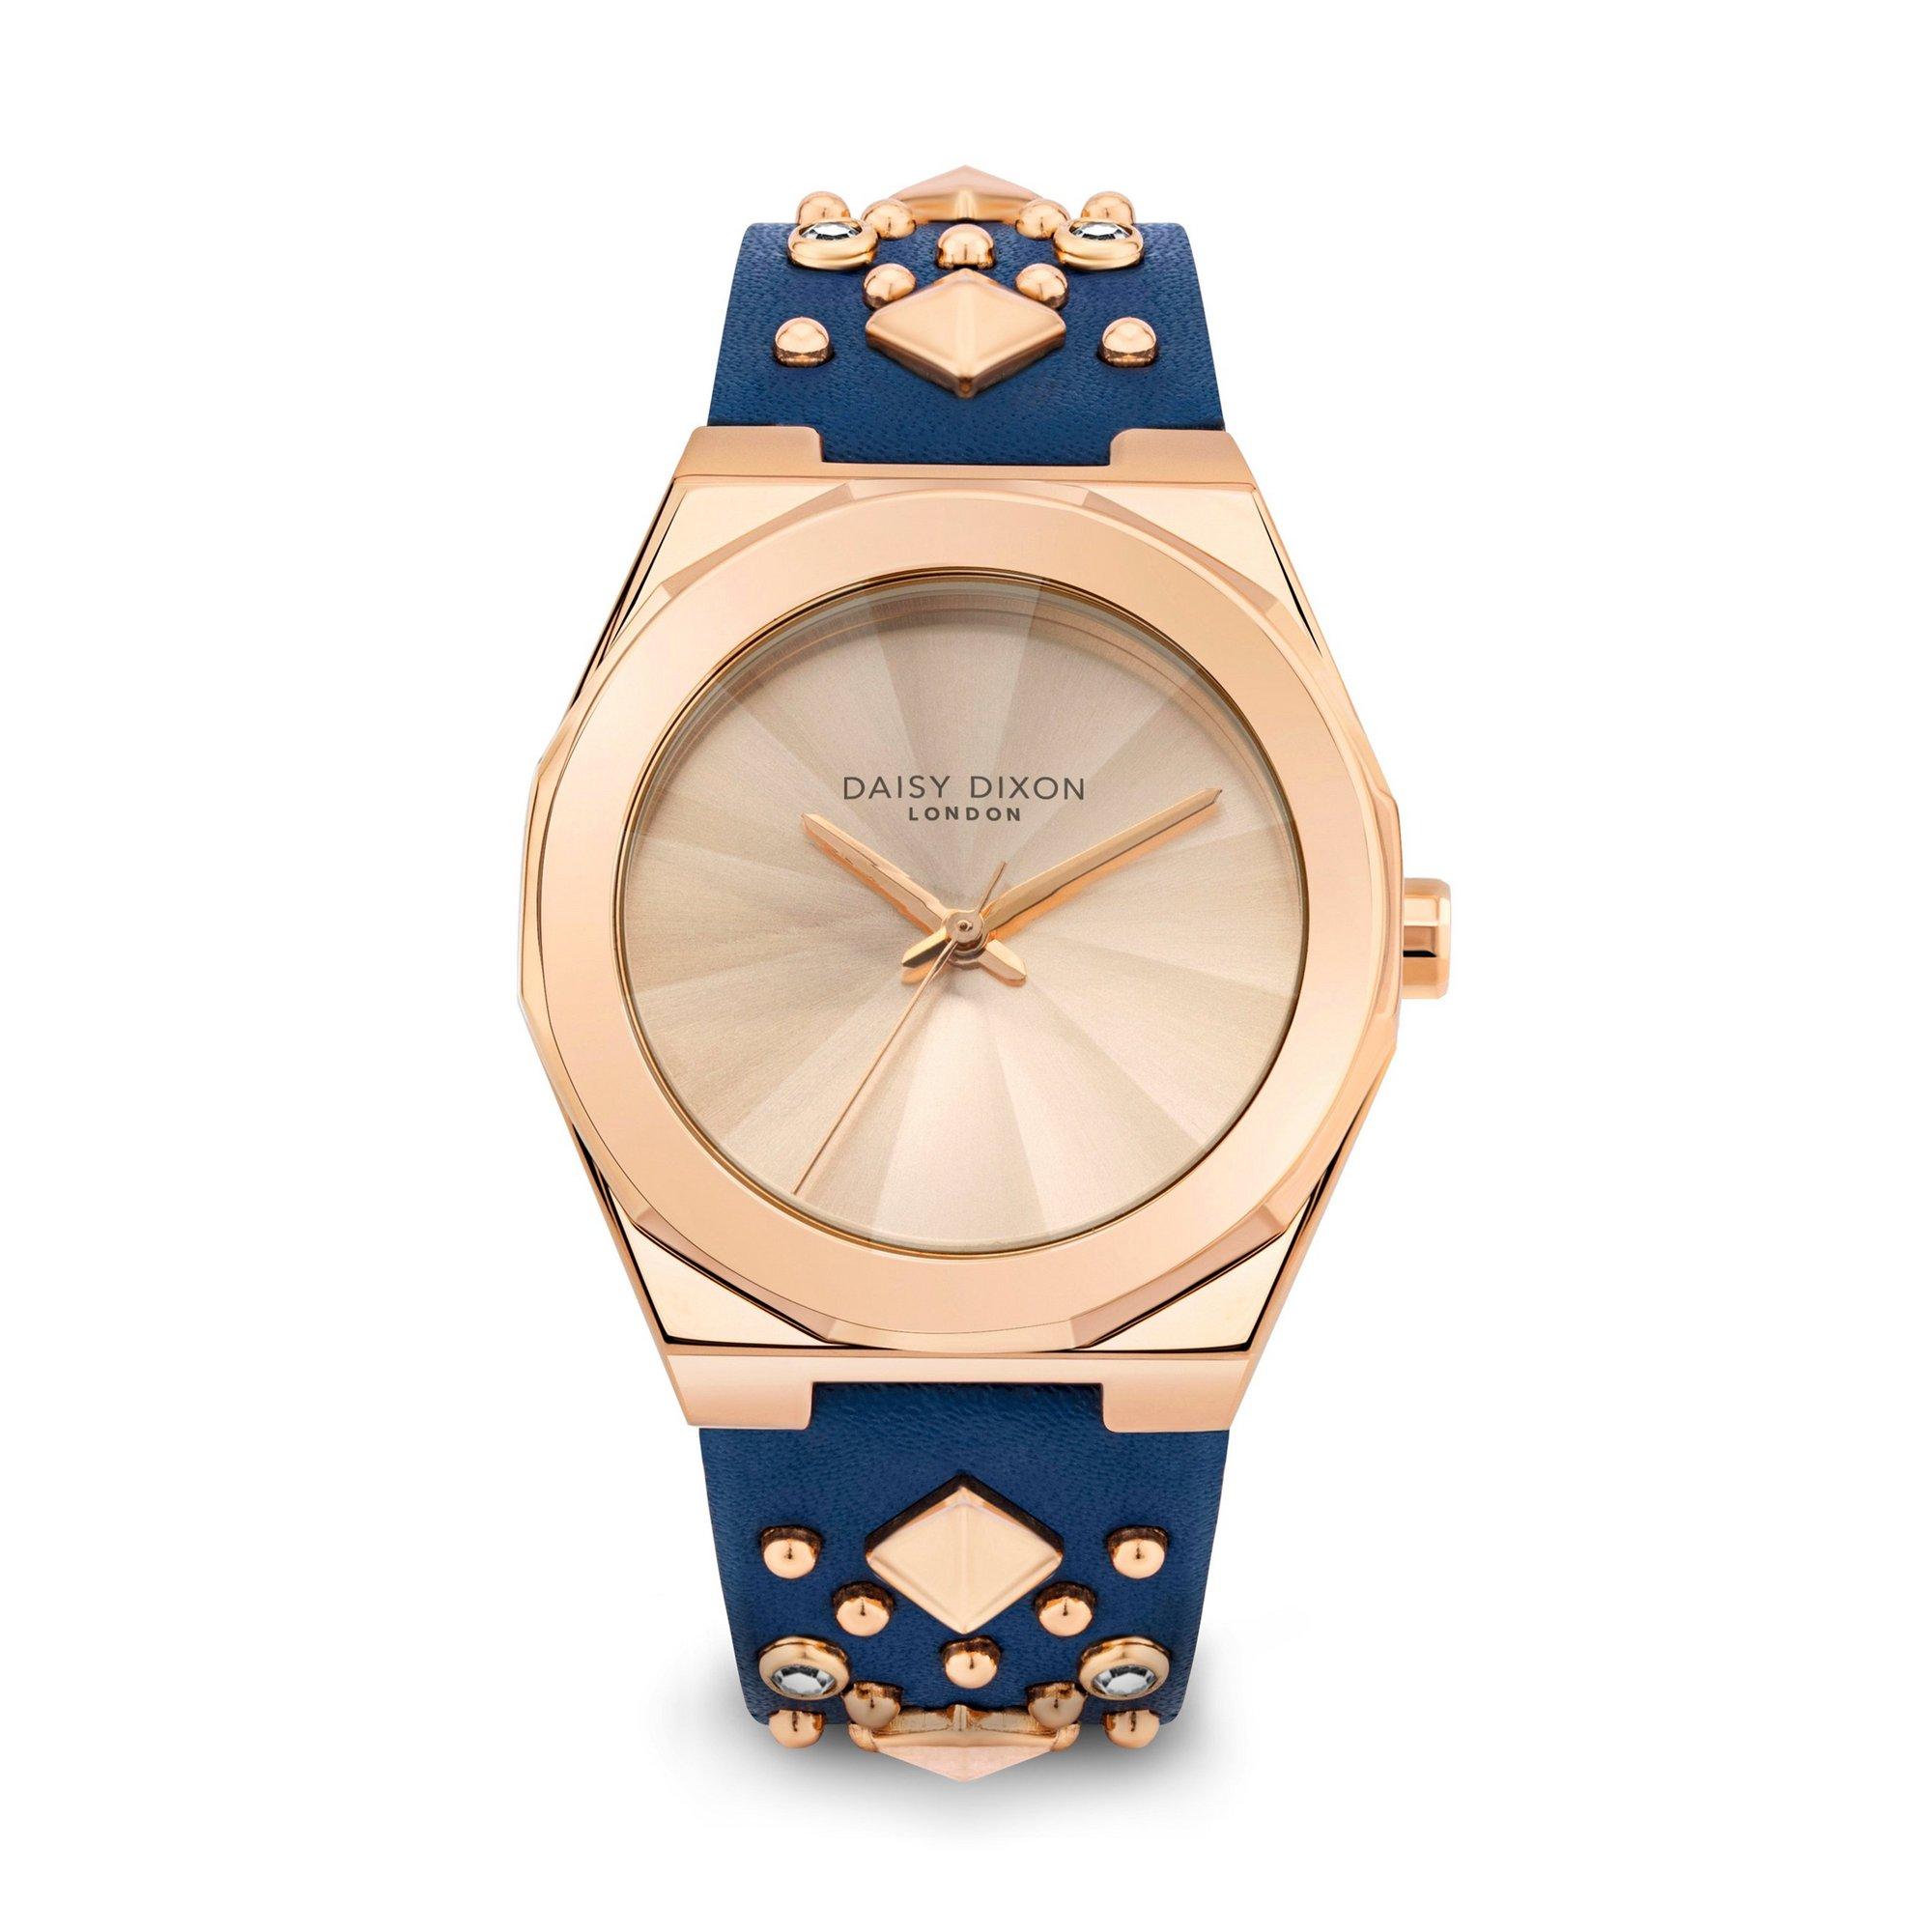 Image of Daisy Dixon Alessandra Navy Strap Watch